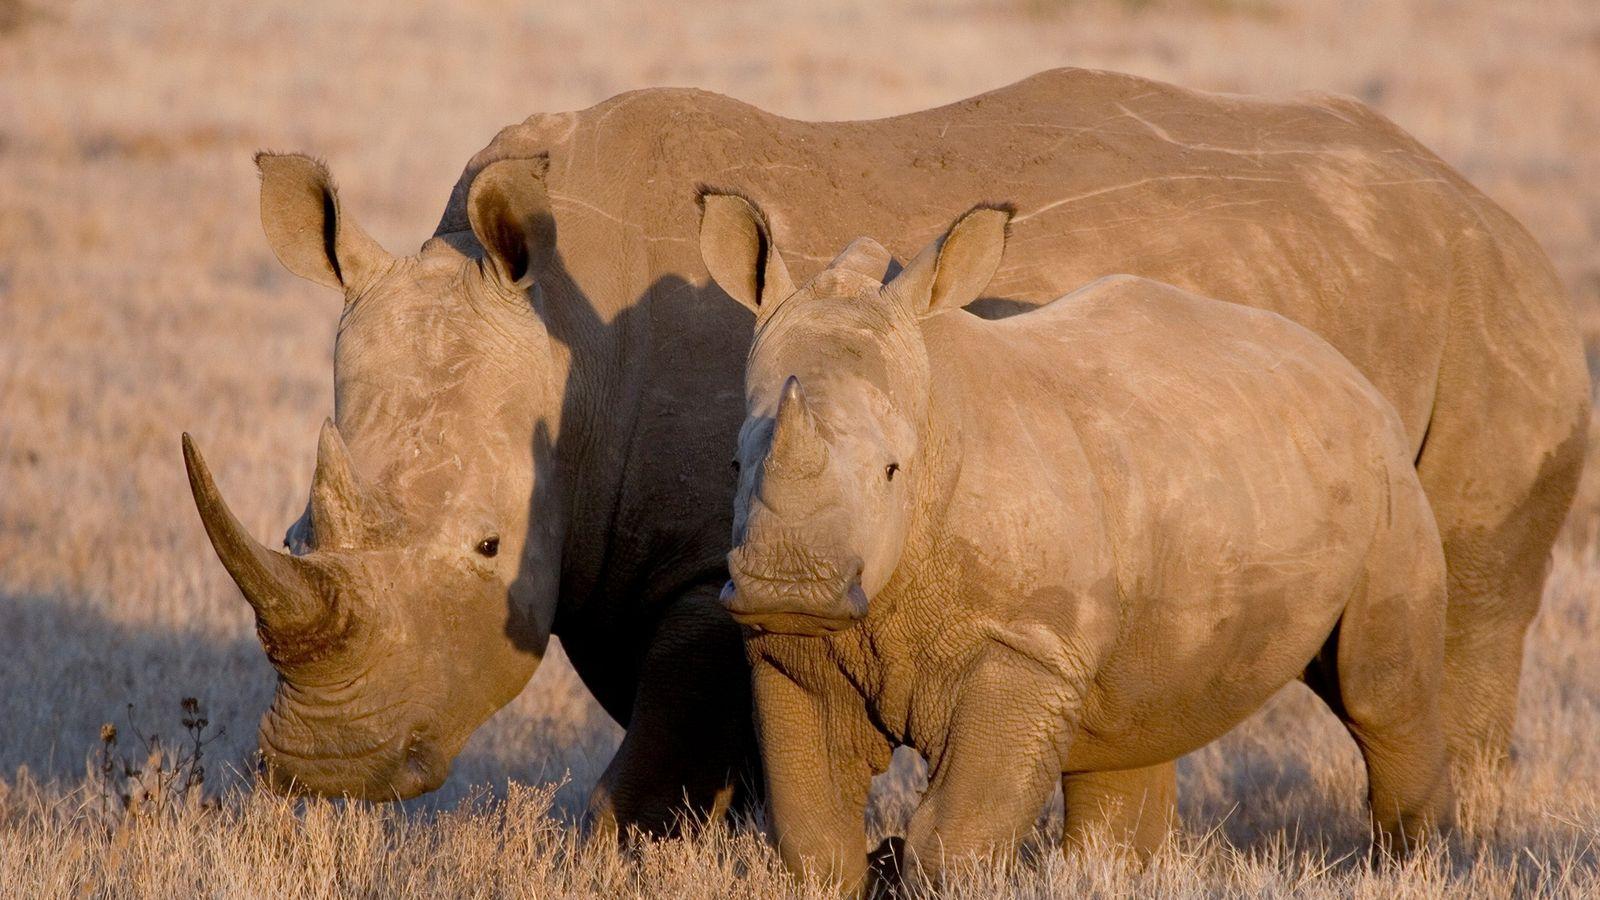 Boonchai Bach, baron présumé d'une organisation impliquée dans le trafic d'animaux sauvages, était accusé d'avoir notamment ...